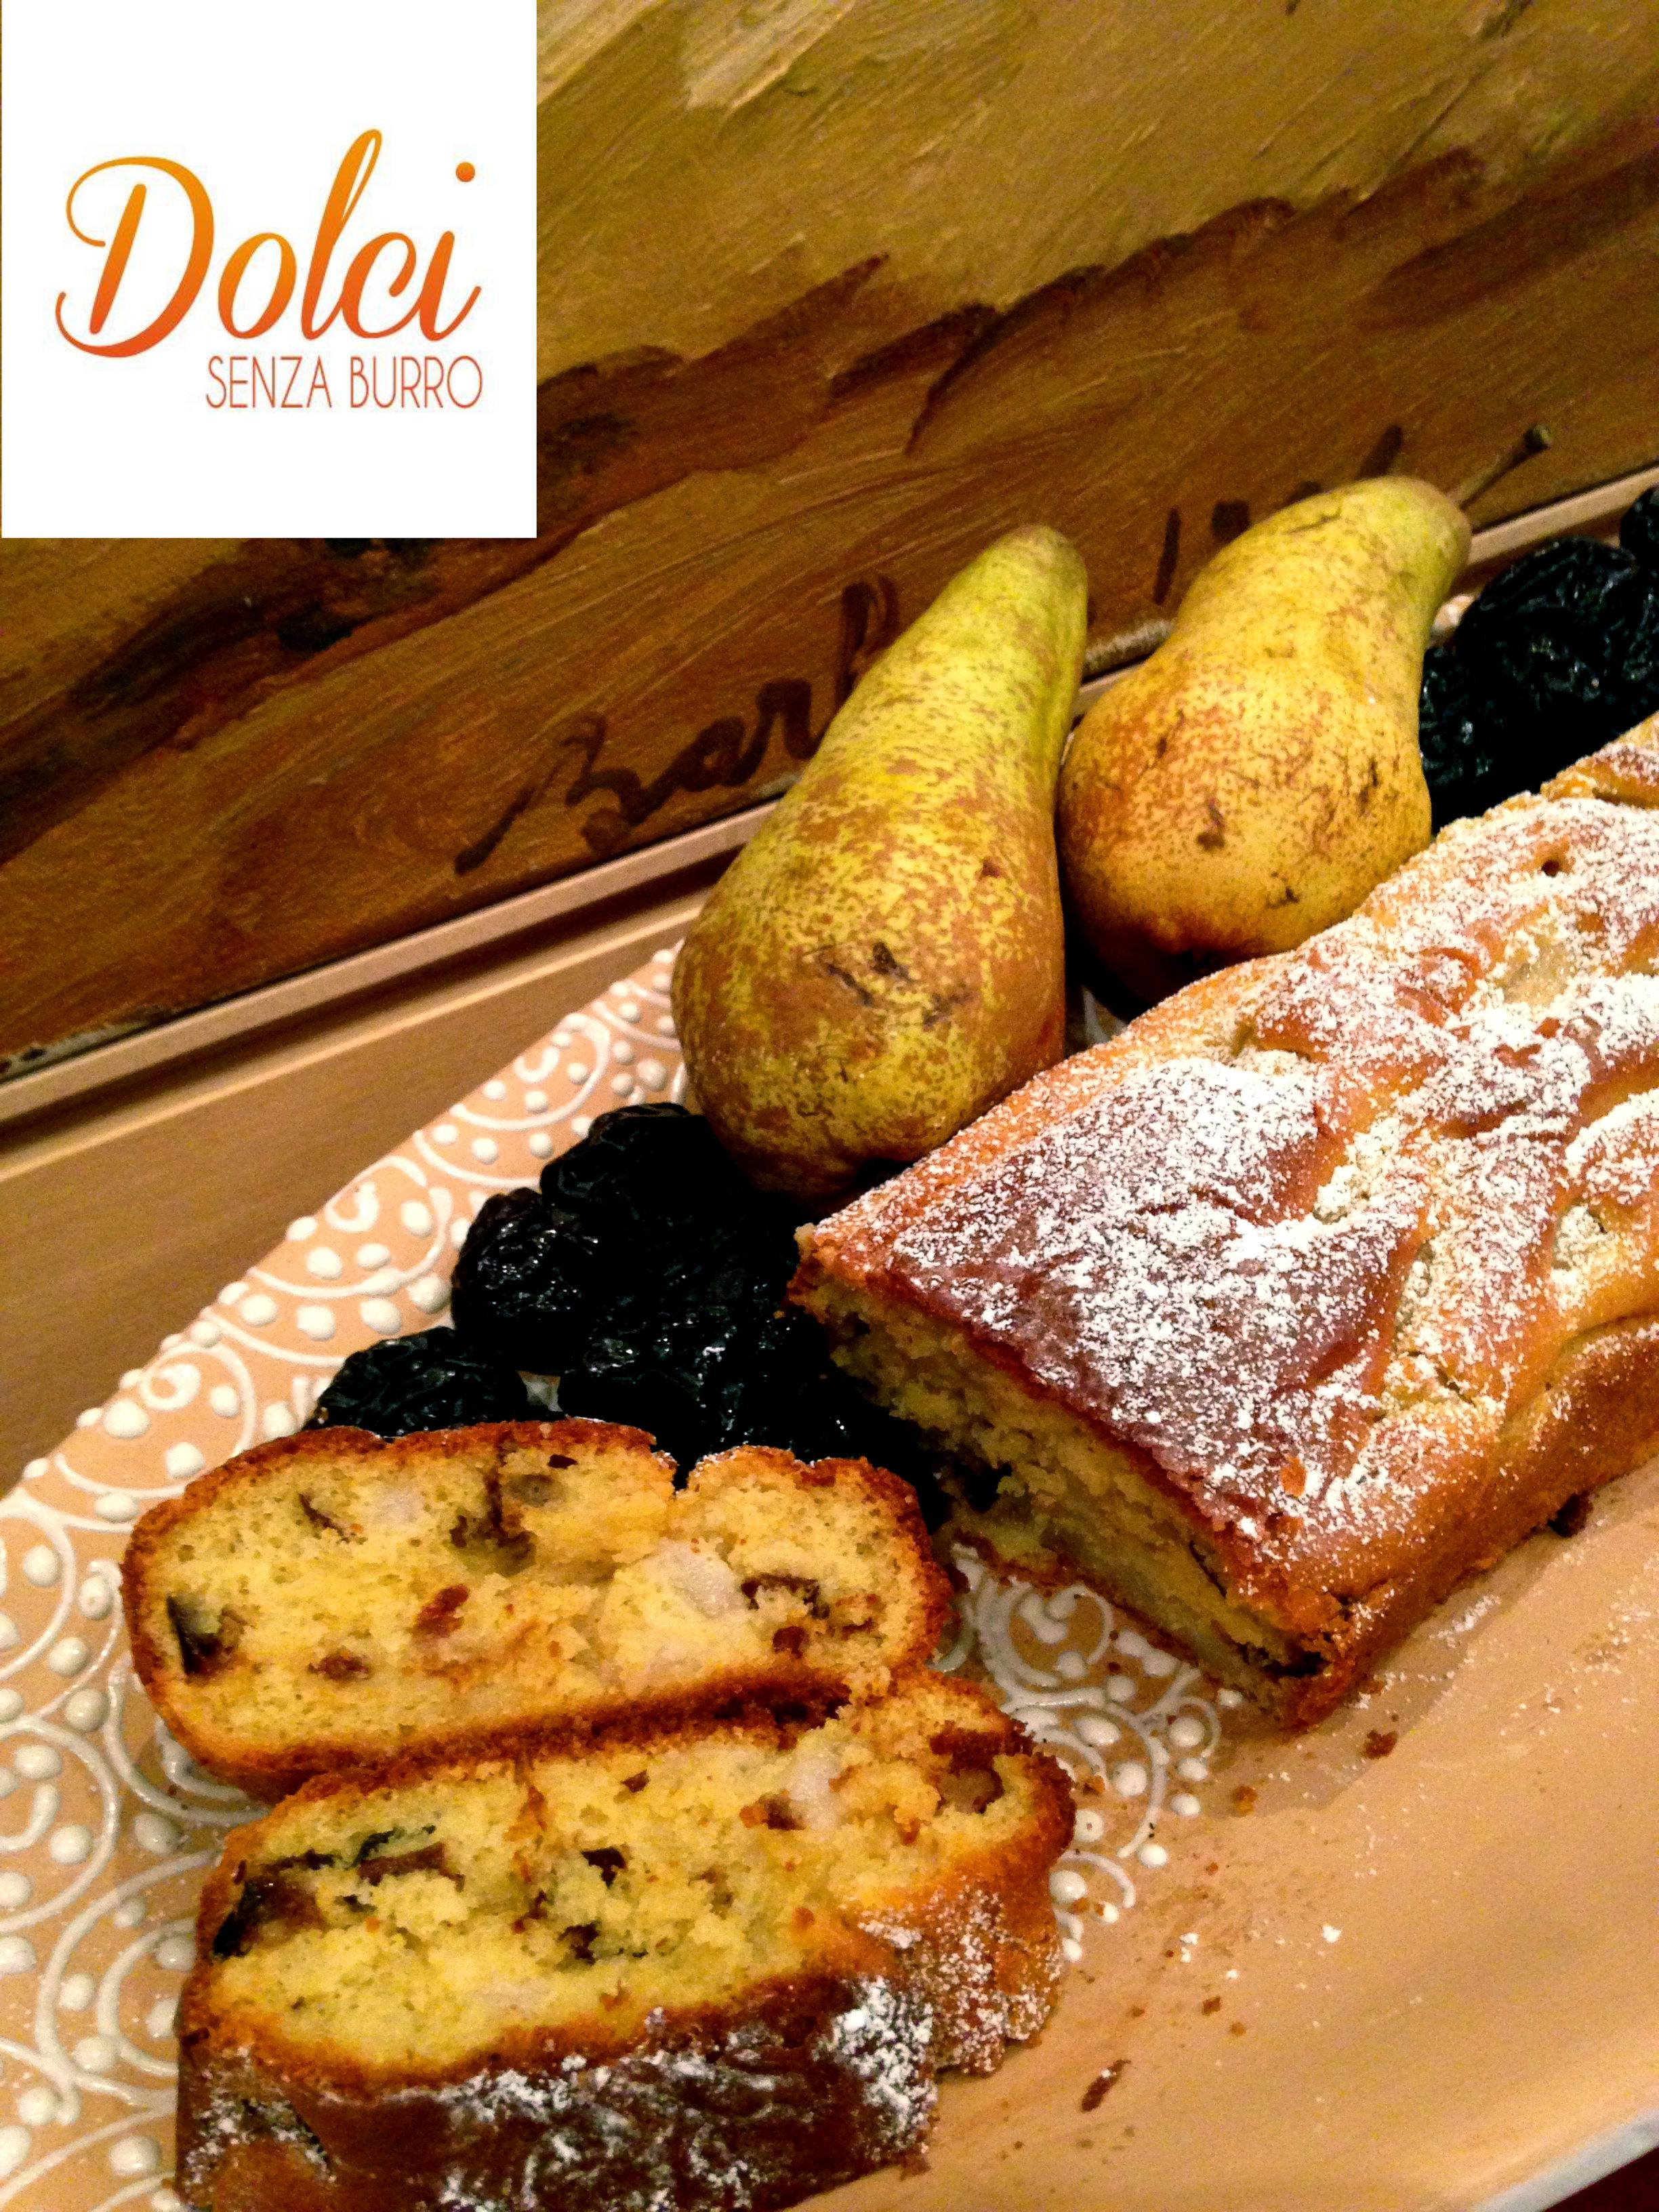 Plumcake pere e prugne senza burro, il dolce light e goloso di dolci senza burro